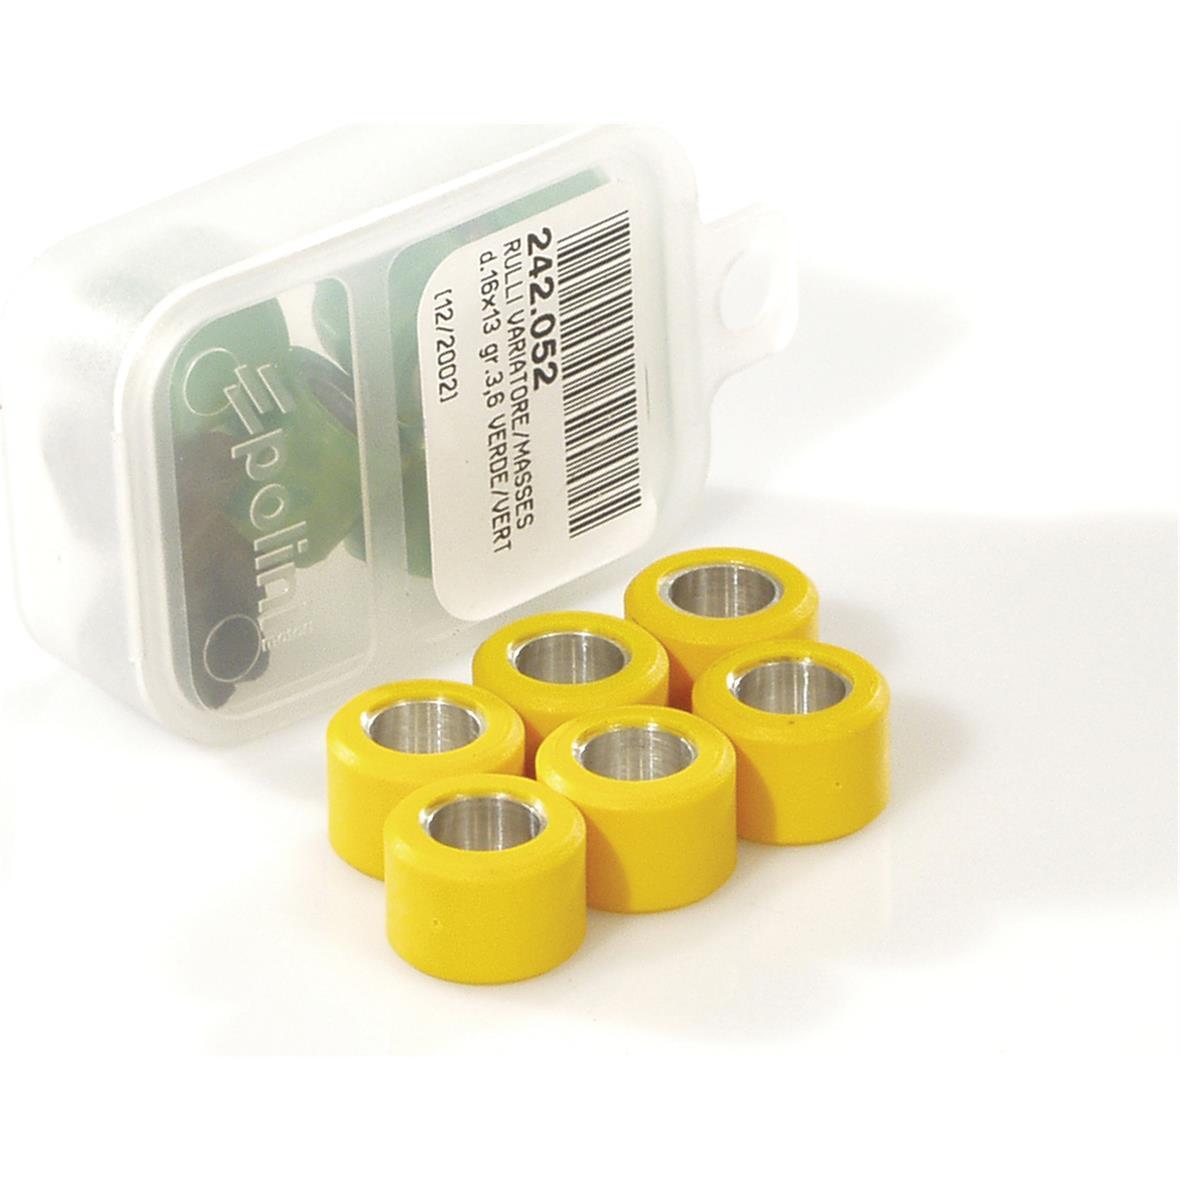 Zdjęcie produktu dla 'Rolki Variatora POLINI 17x12 mm 9,2 gTitle'